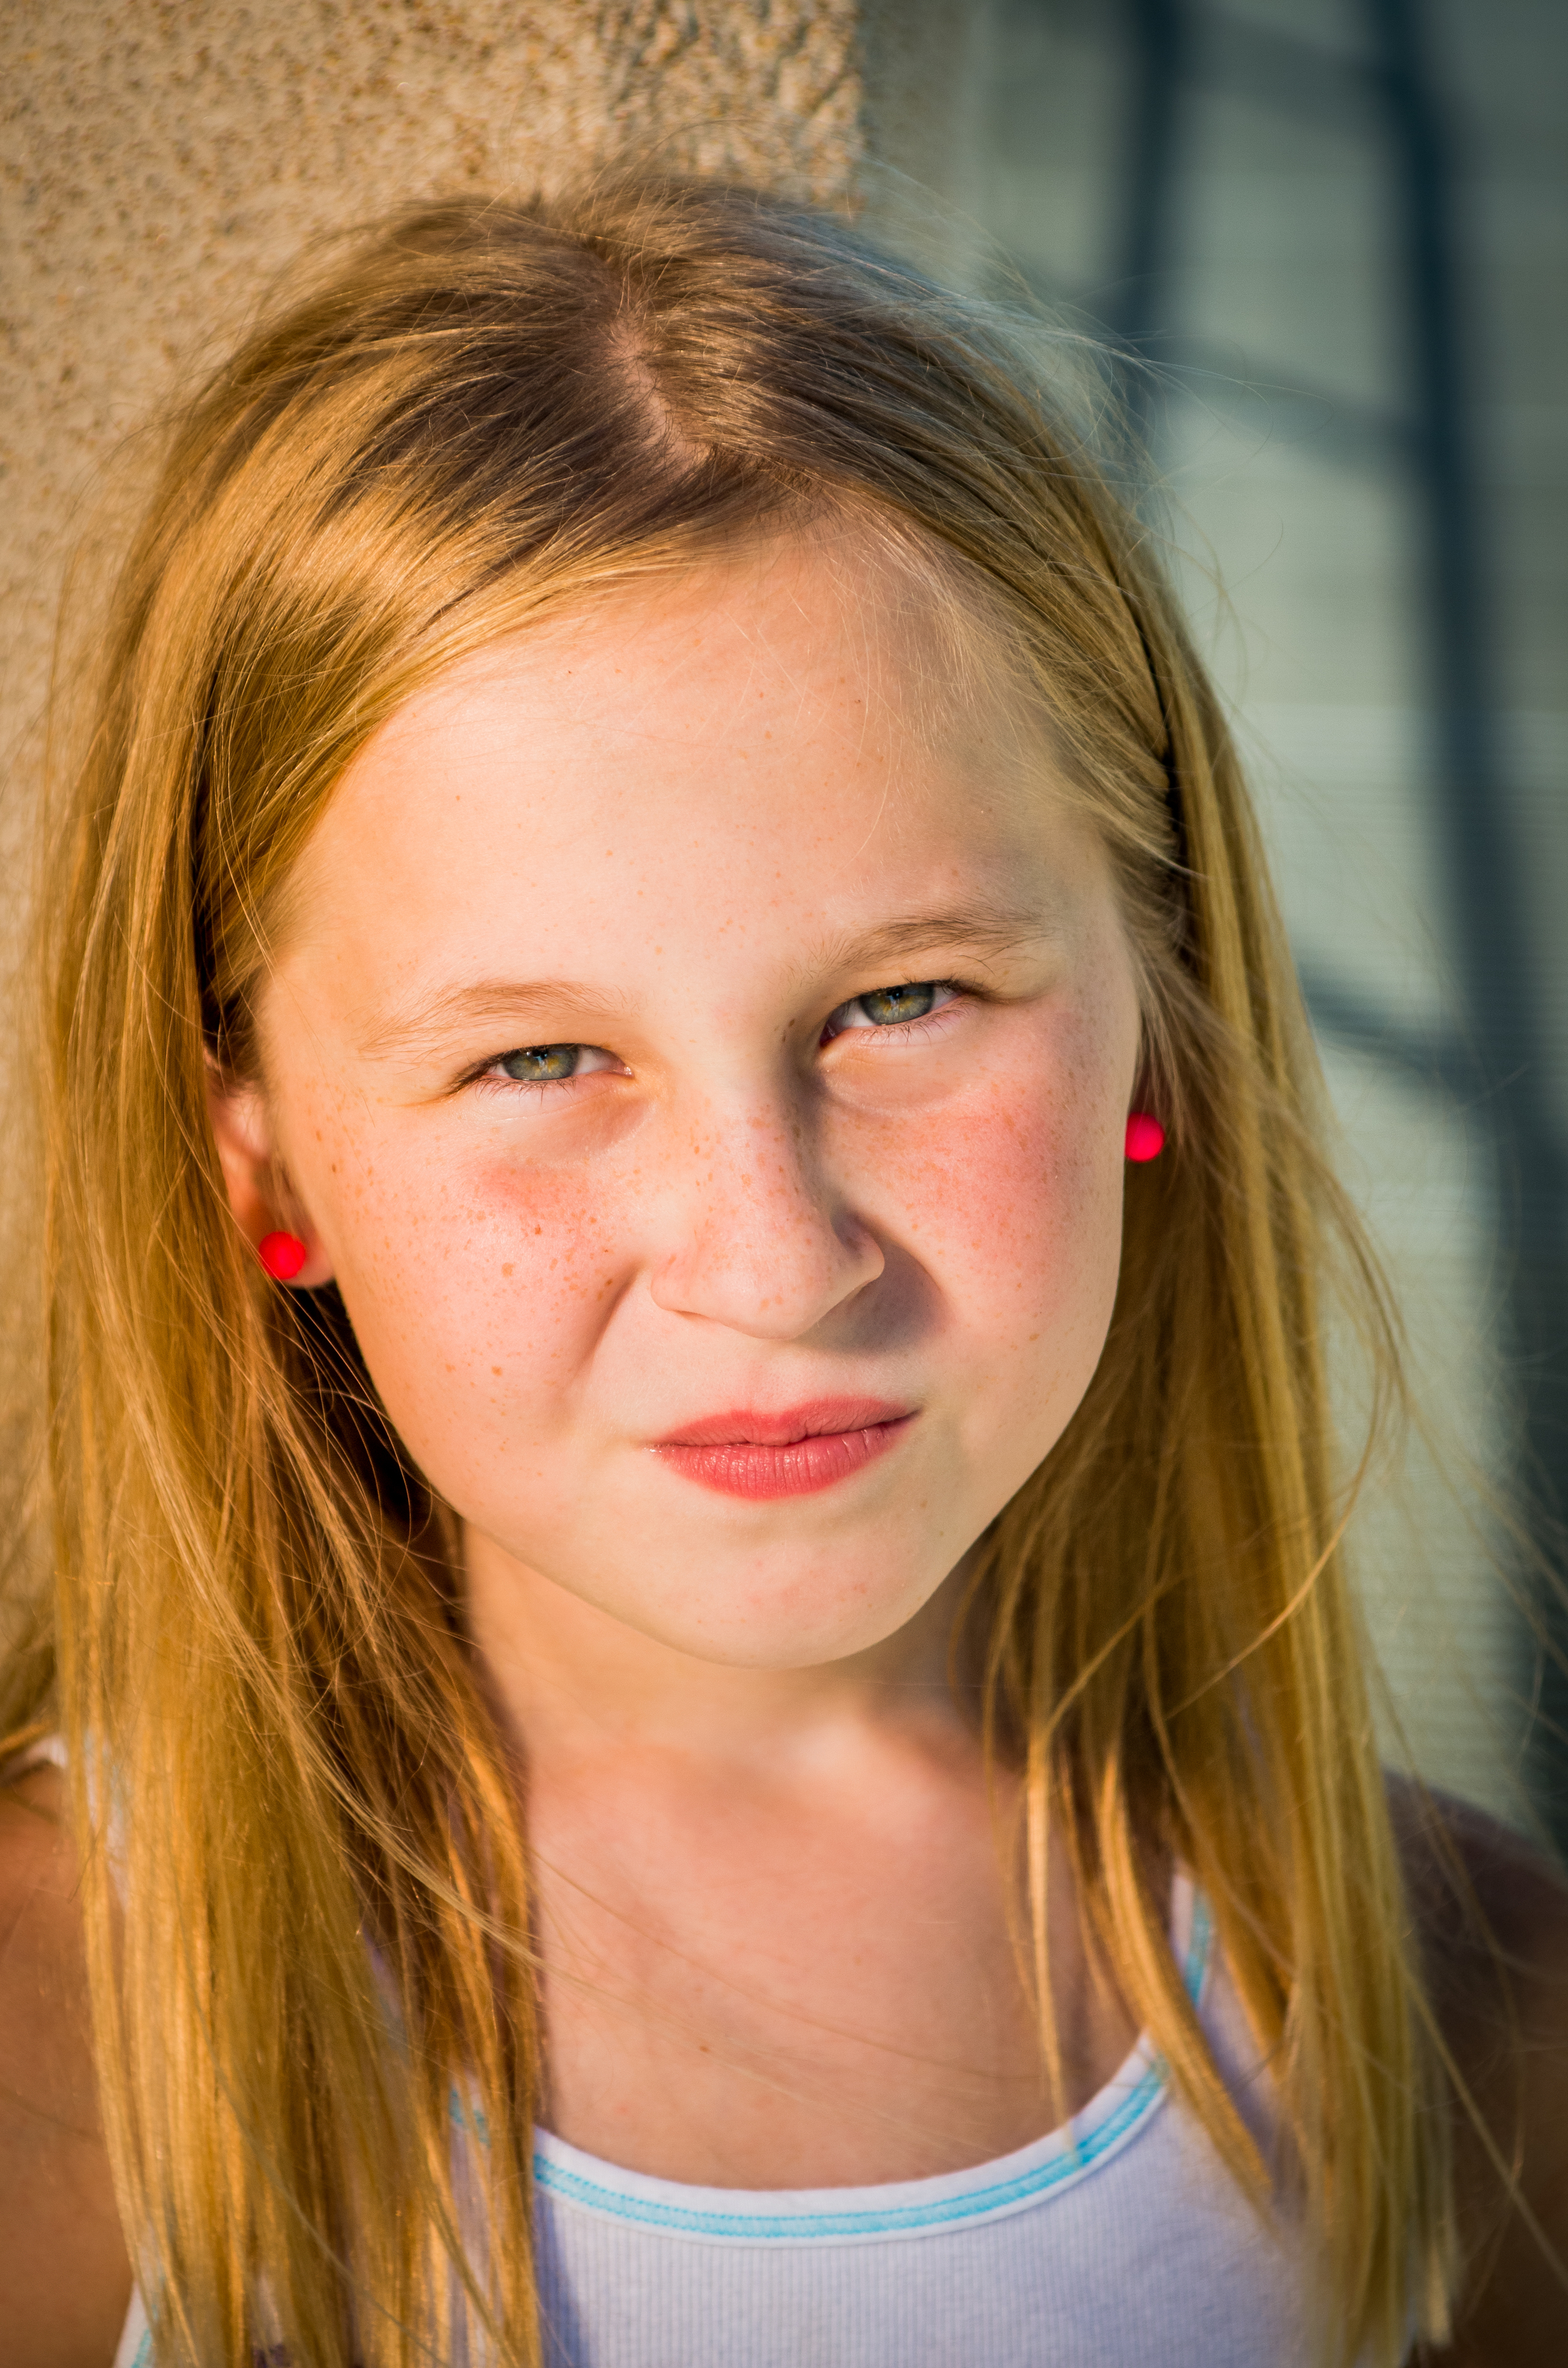 20130929-Mia Practice Portraits-PMG_9179.jpg